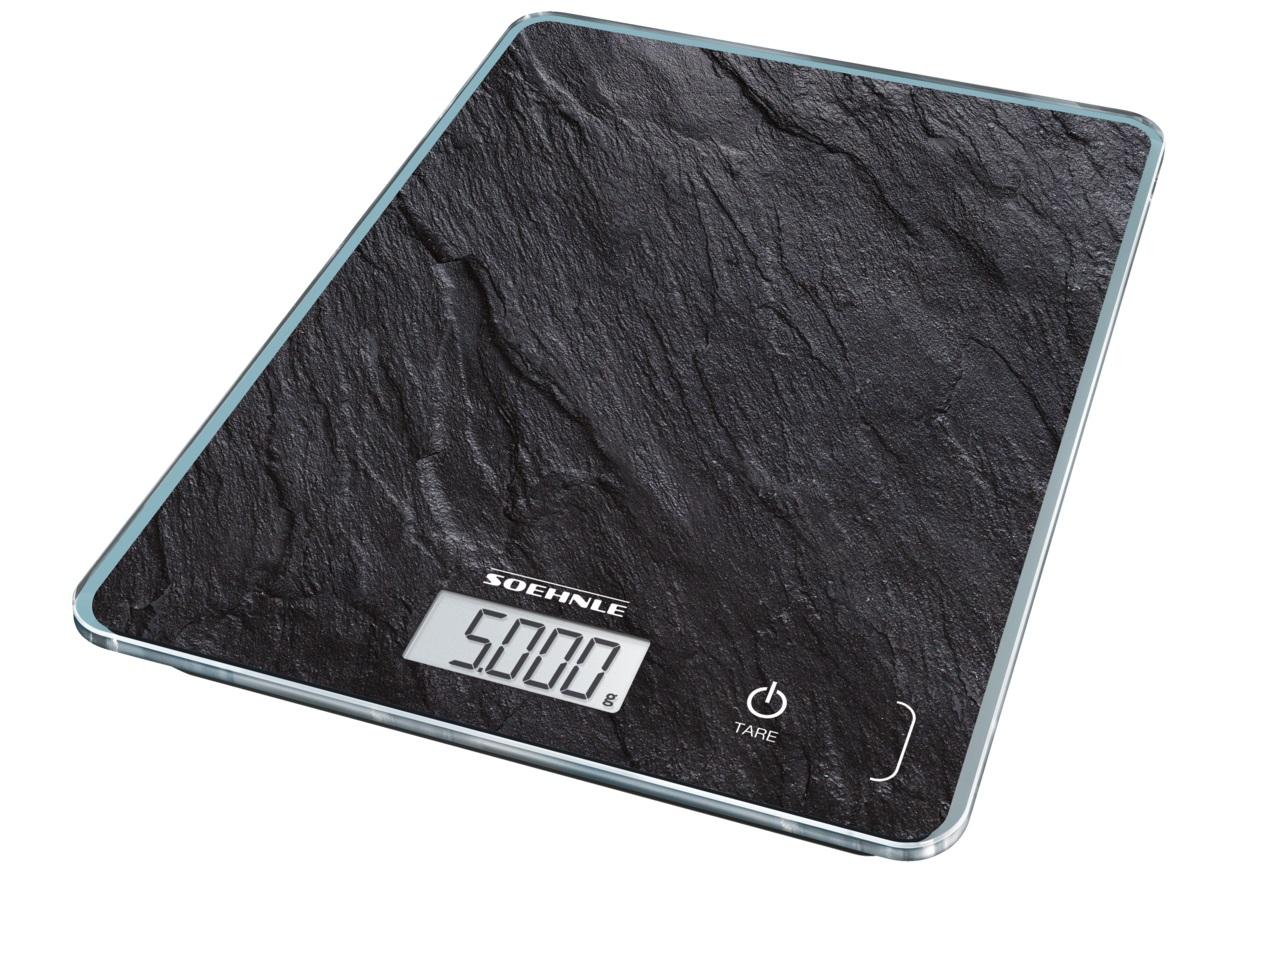 Soehnle Digitální kuchyňská váha Page Compact 300 - motiv břidlice 61515